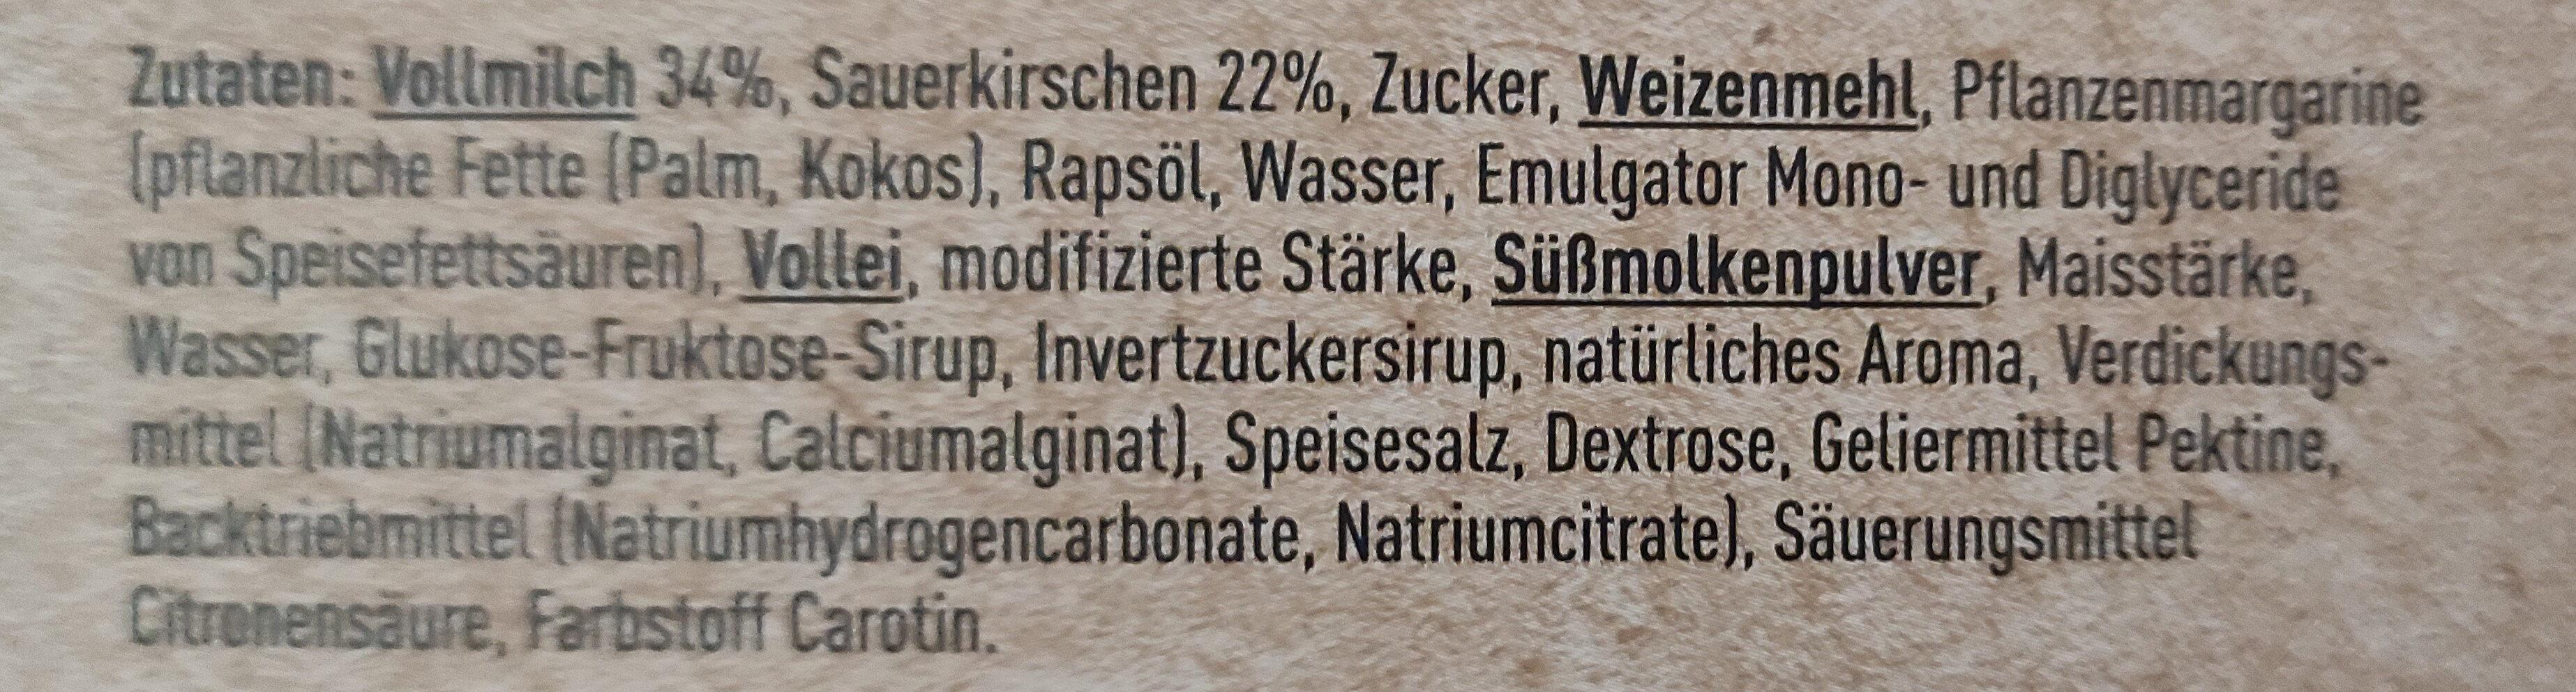 Pudding Kirschkuchen - Ingredienti - de